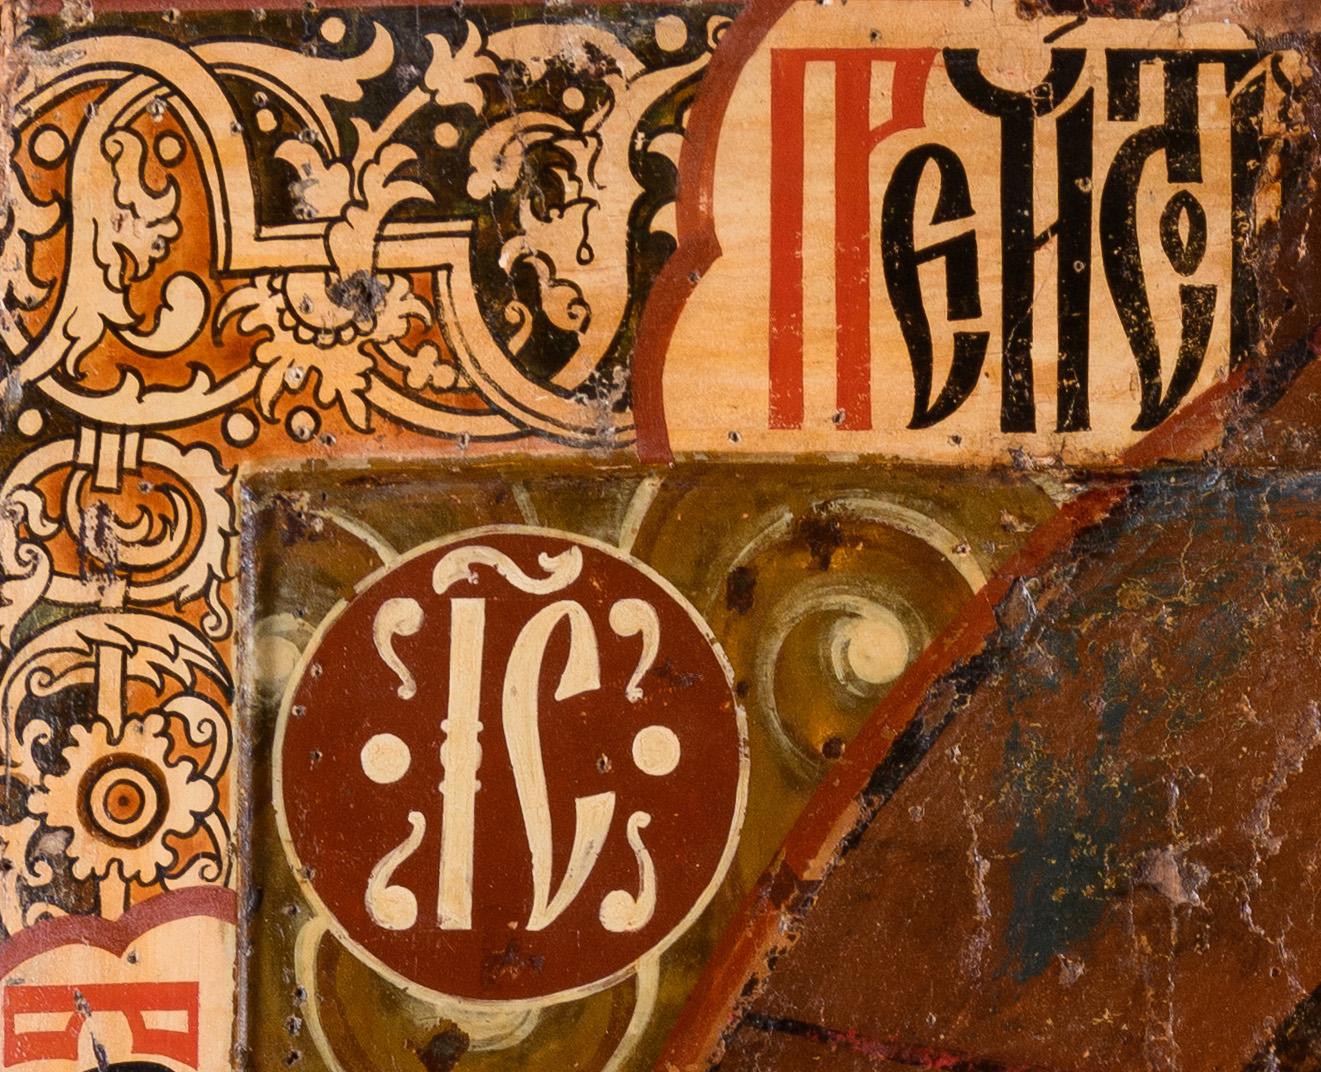 Фрагмент иконы с отверстиями от гвоздей, с помощью которых крепился оклад иконы